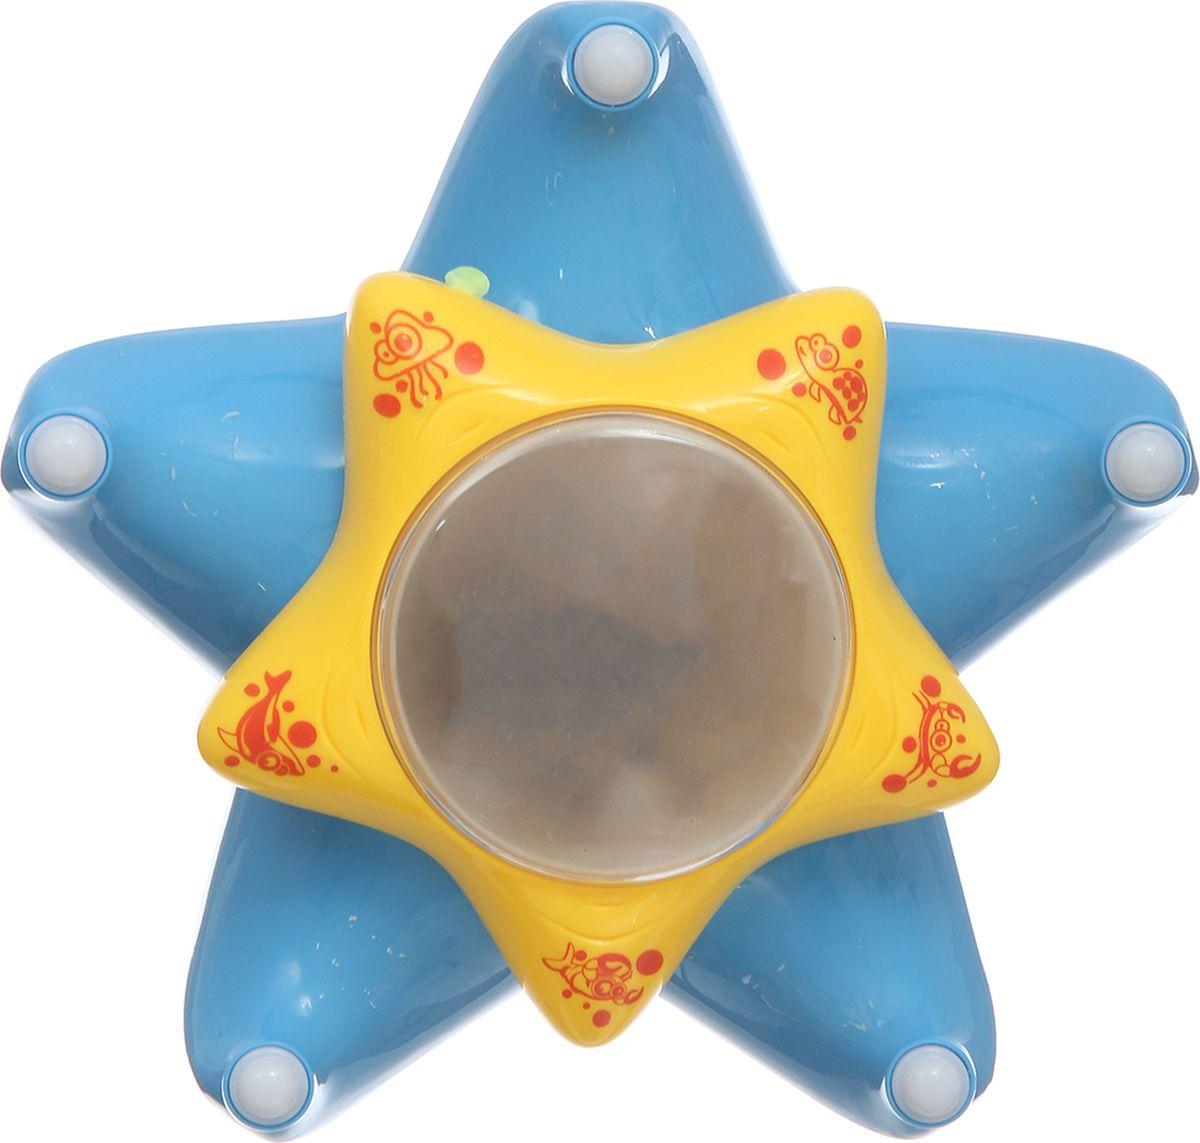 TopToys Развивающая игрушка Звезда морская